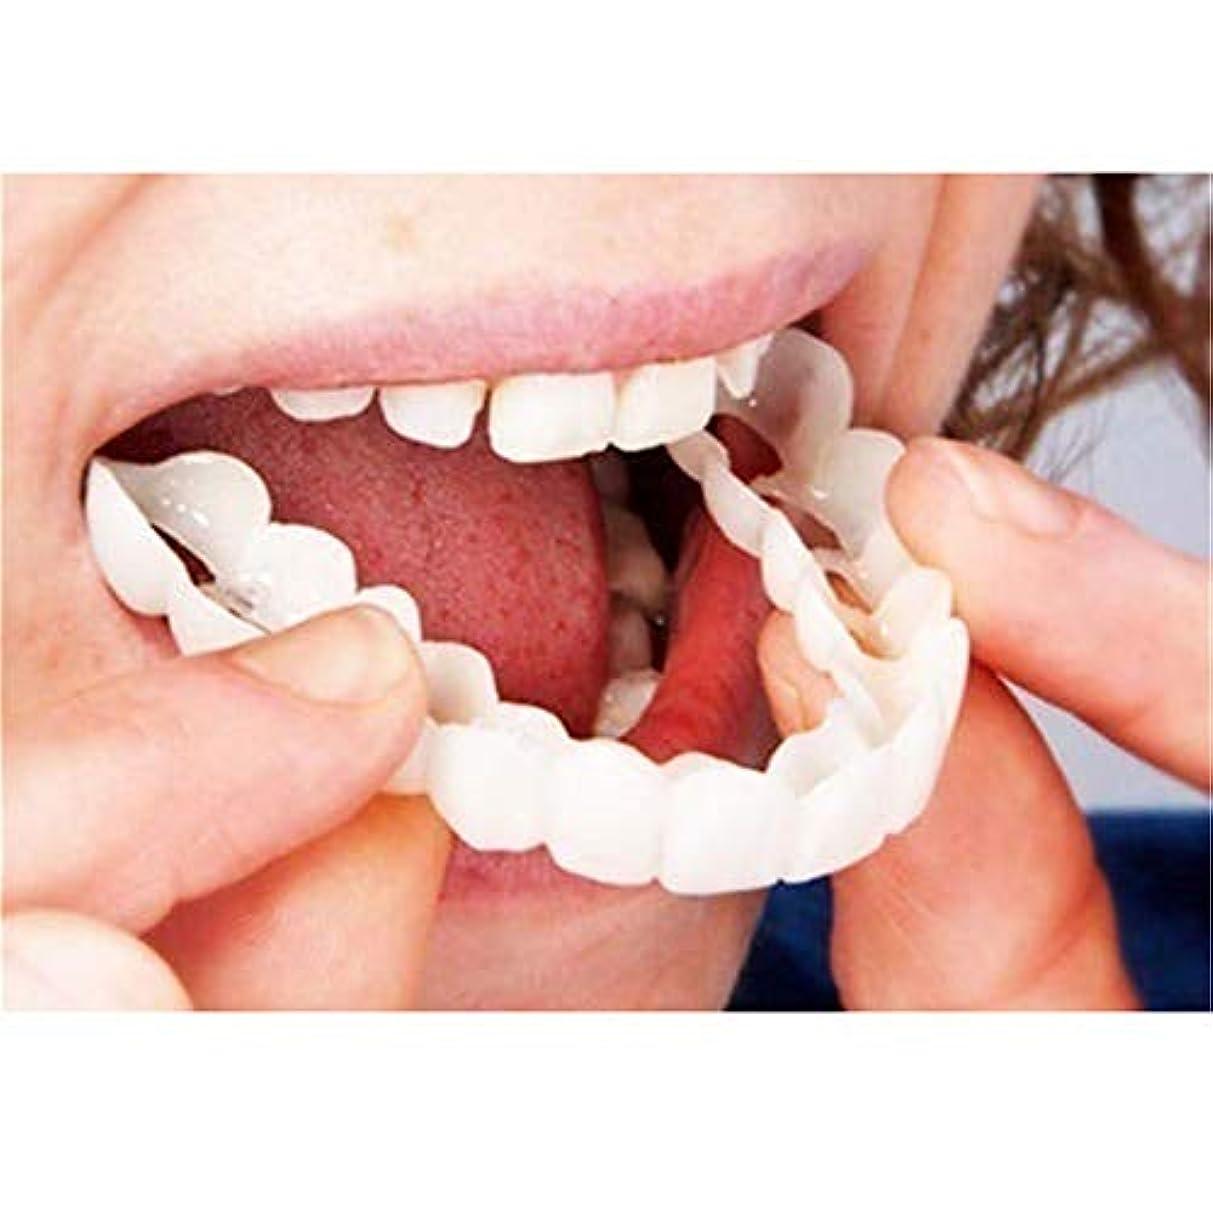 冒険者期待して不器用シリコンシミュレーション歯ホワイトニングブレース(1個),Lowerteeth